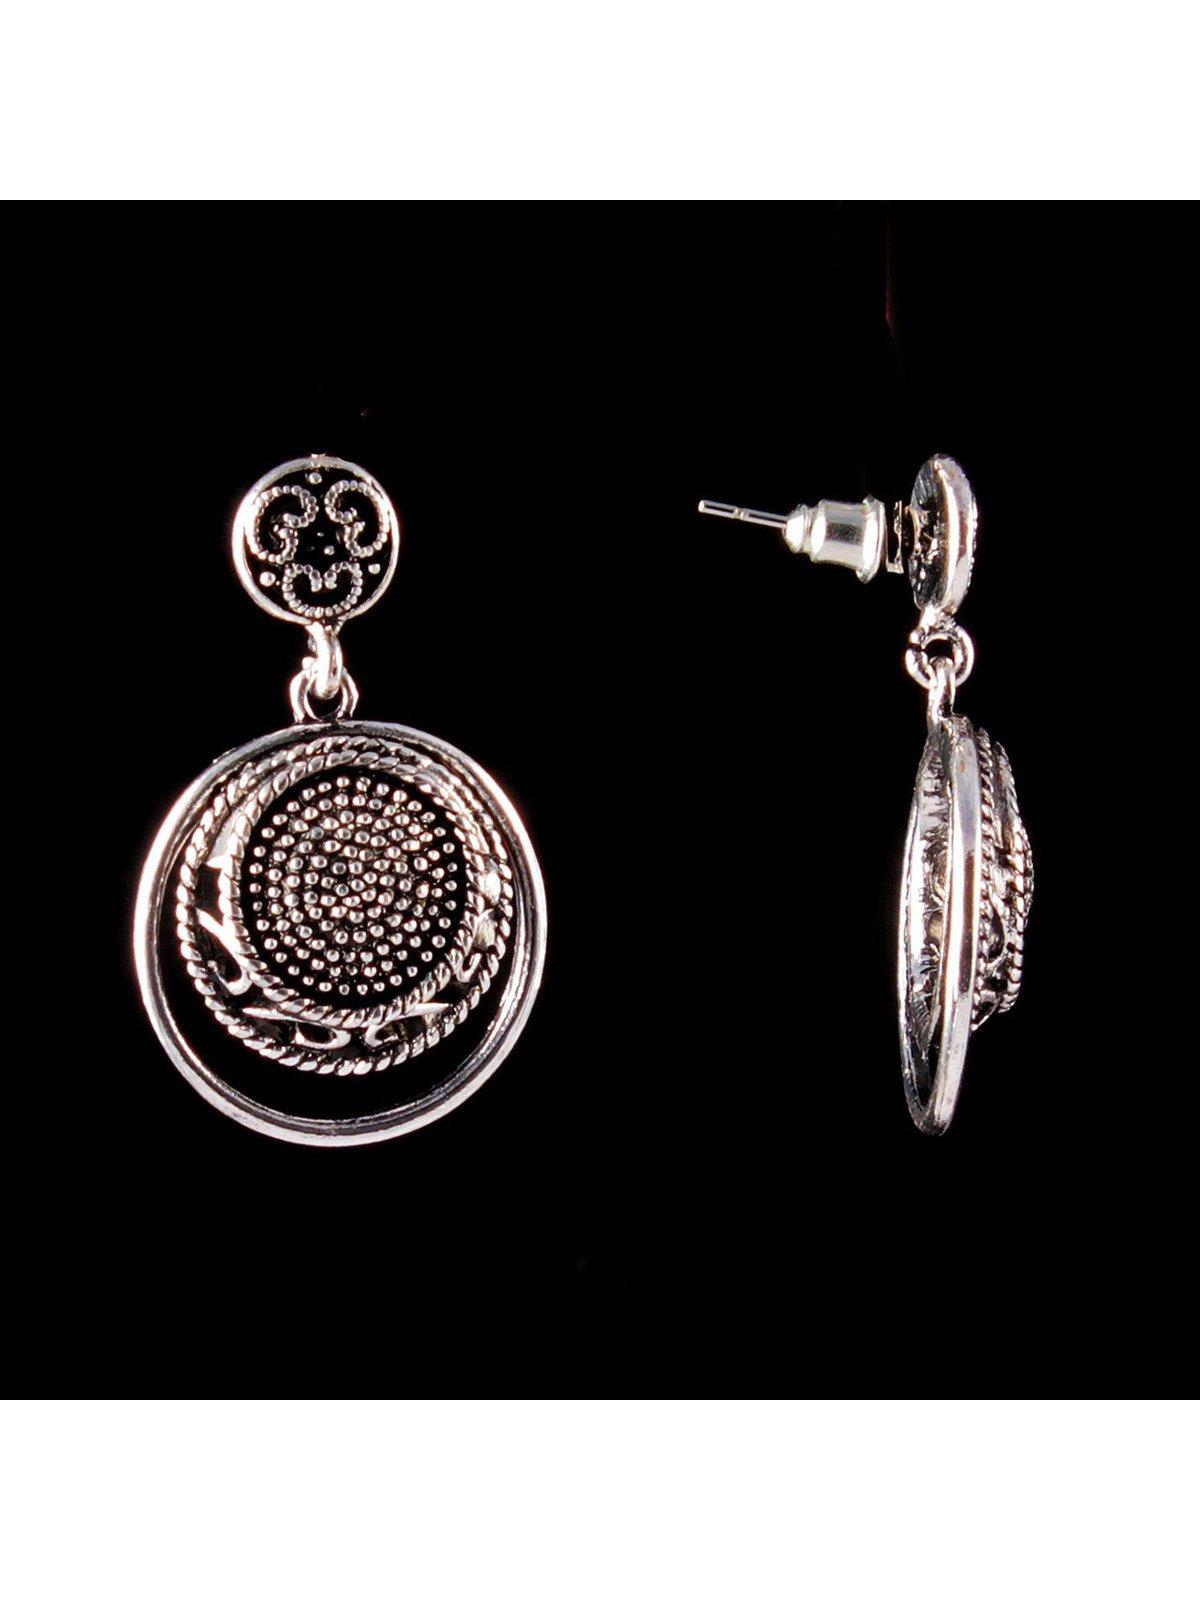 631eac0d Серьги — Fashion Jewelry, акция действует до 1 февраля 2019 года ...